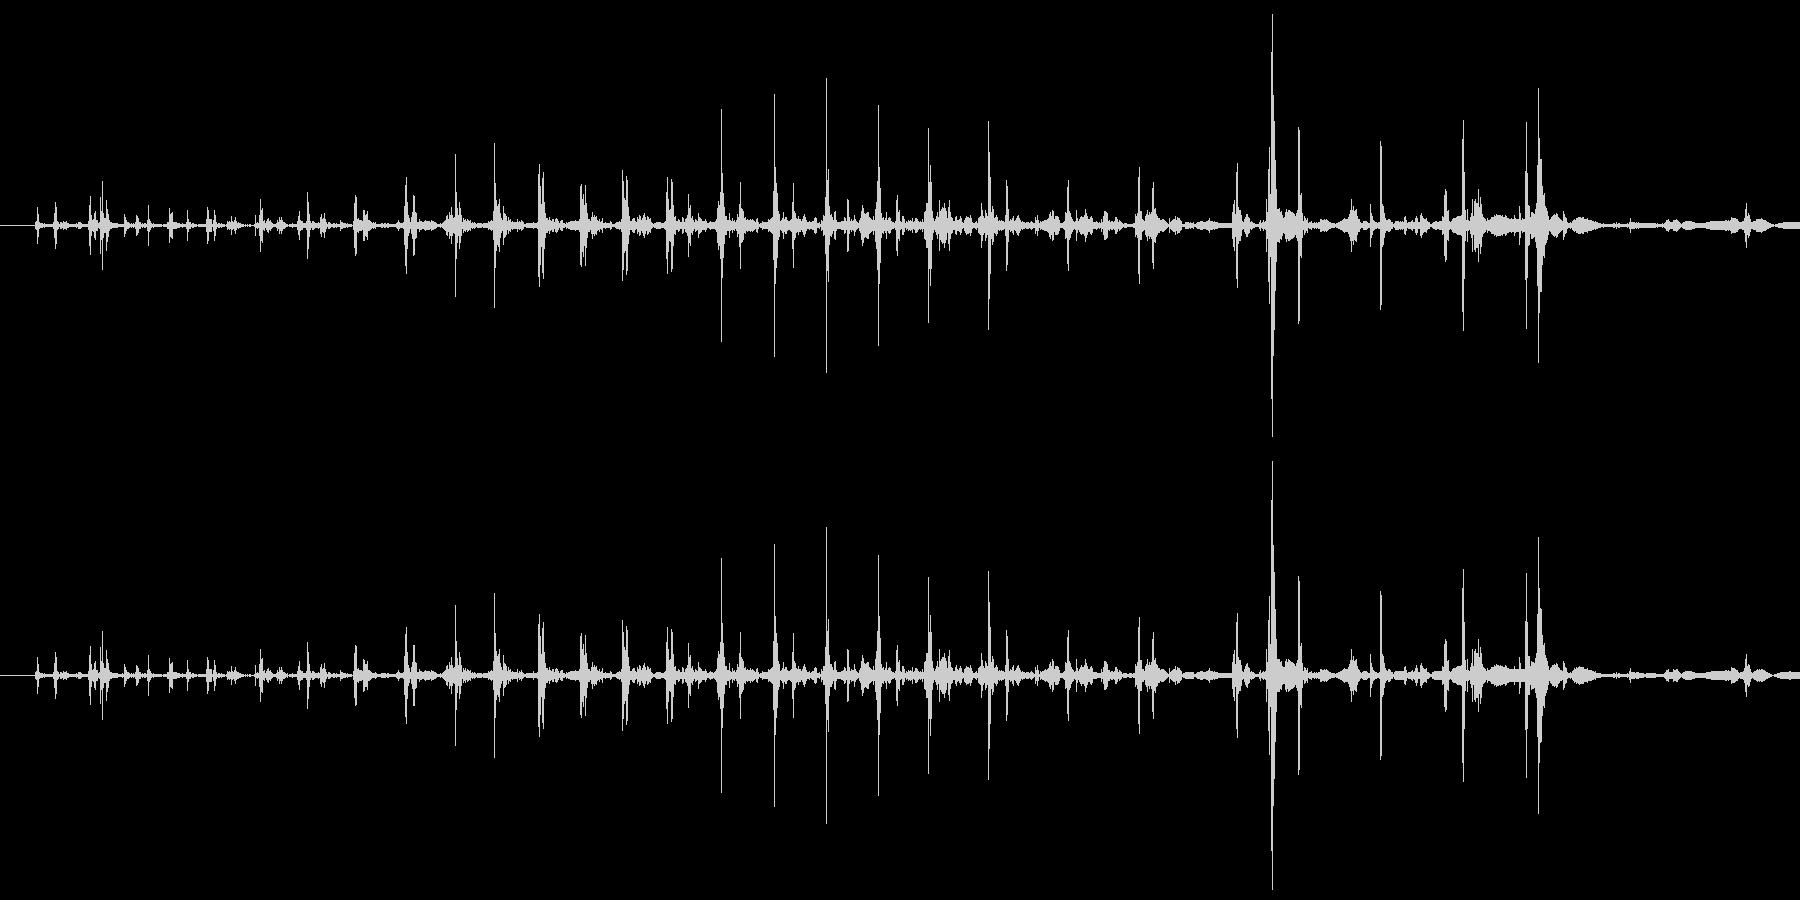 「ギリリッ」締め上げるの未再生の波形